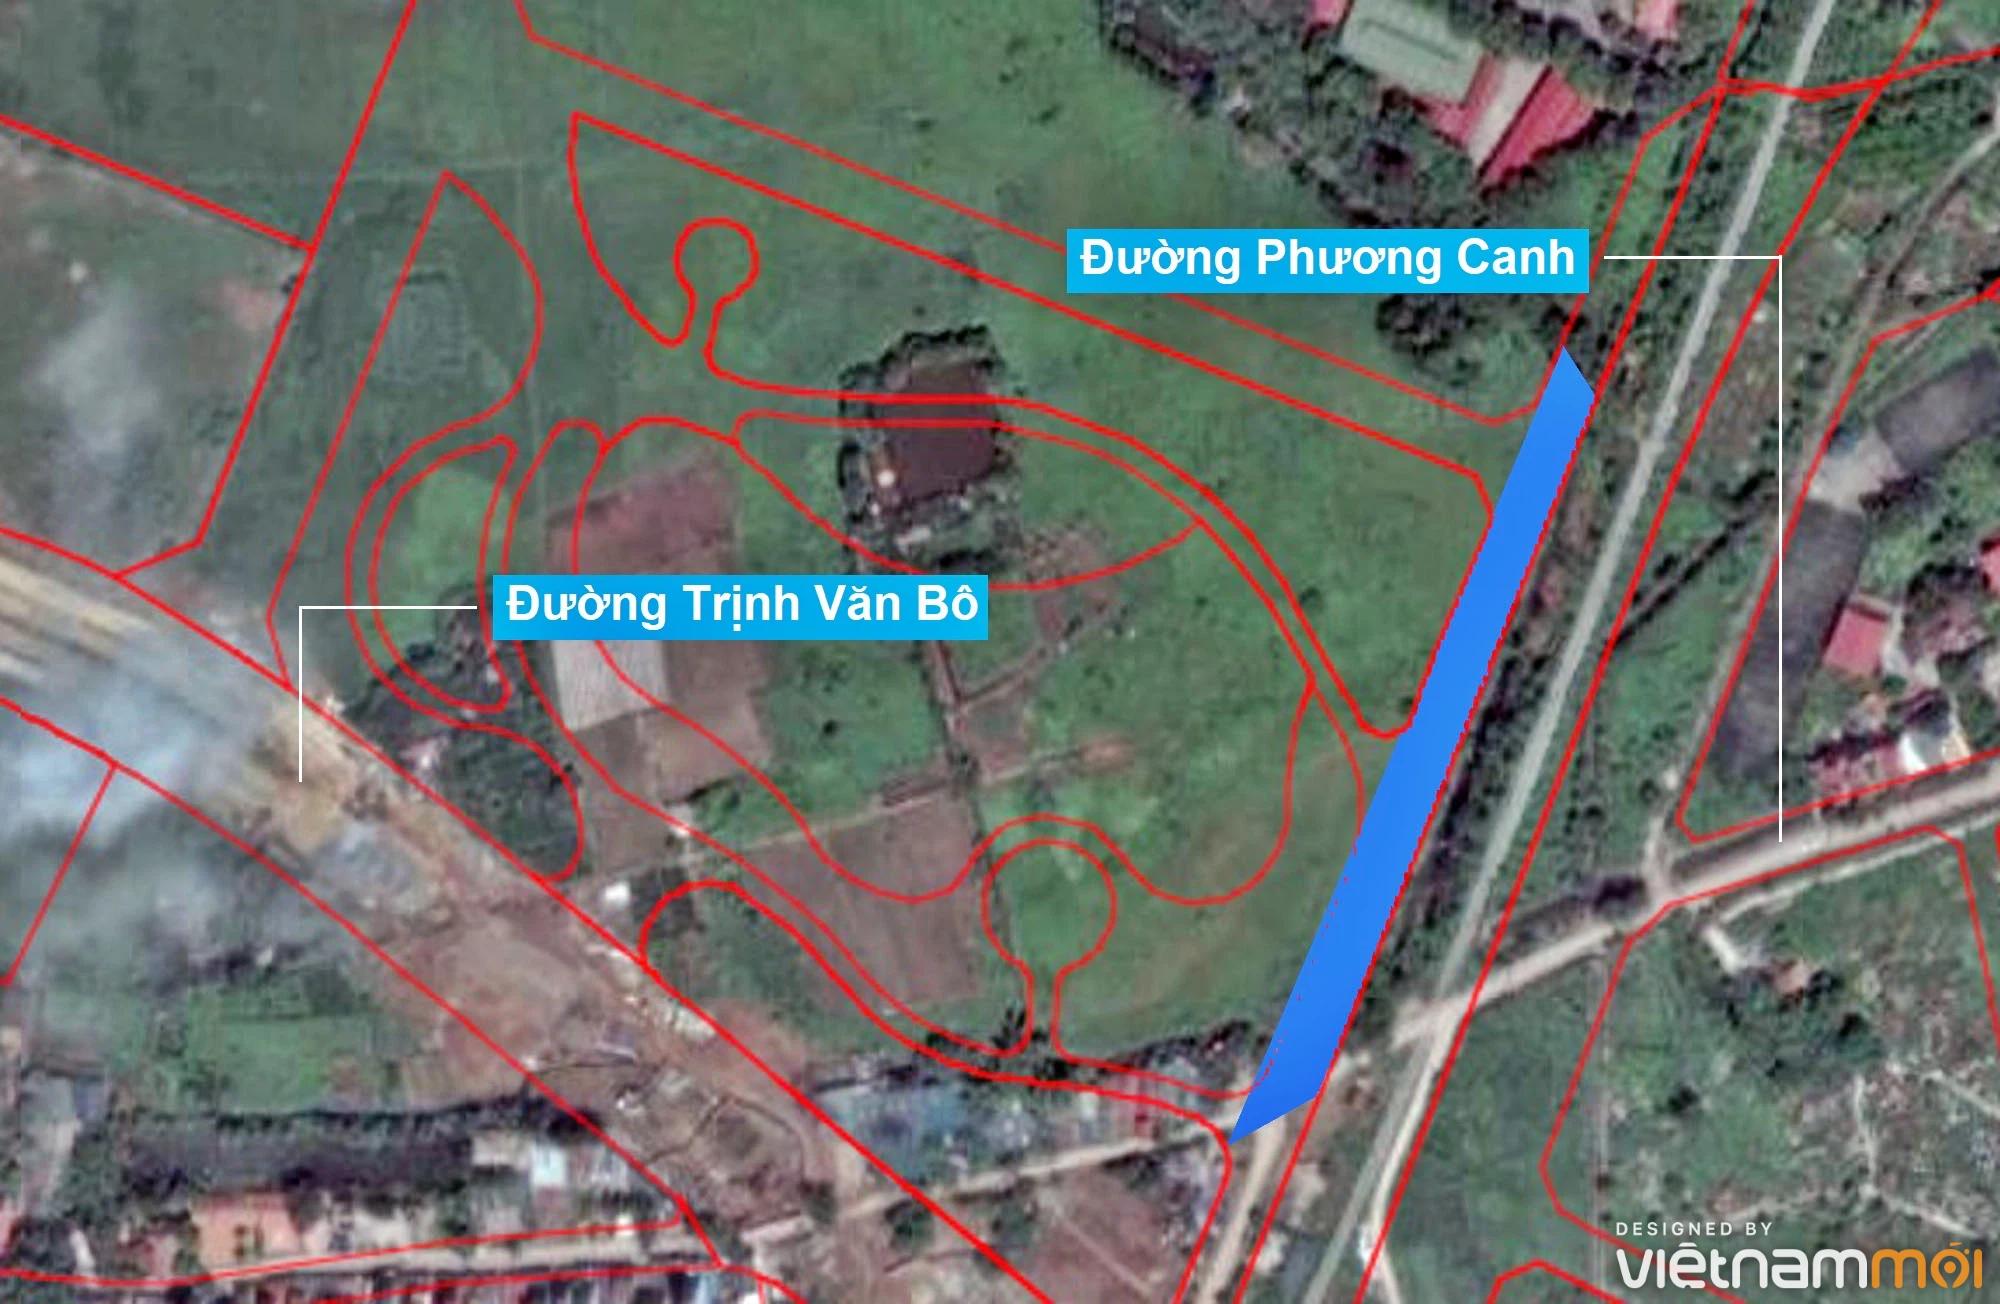 Những khu đất sắp thu hồi để mở đường ở phường Phương Canh, Nam Từ Liêm, Hà Nội (phần 3) - Ảnh 8.